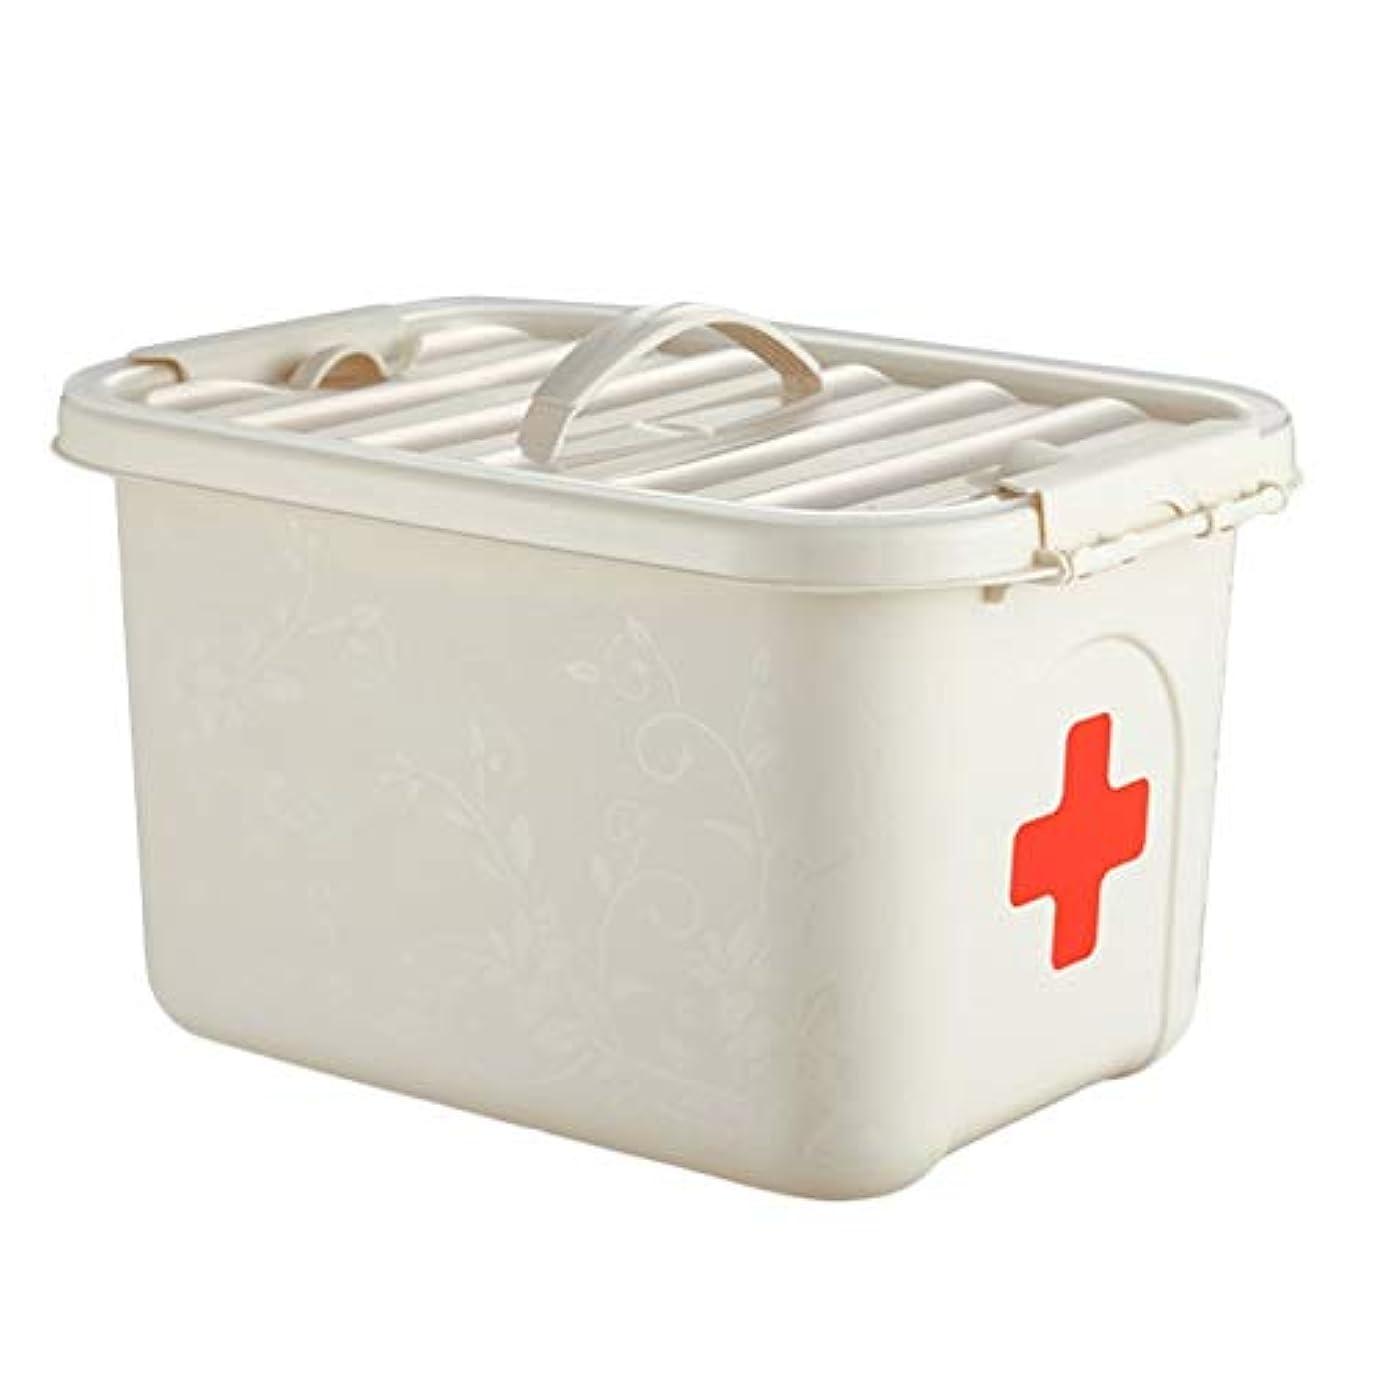 不十分なバインド蒸し器GLJJQMY ピルボックス薬収納ボックスPP家庭用薬箱28x20.5x16.5cm 薬収納ボックス (Color : White, Size : Without compartments)